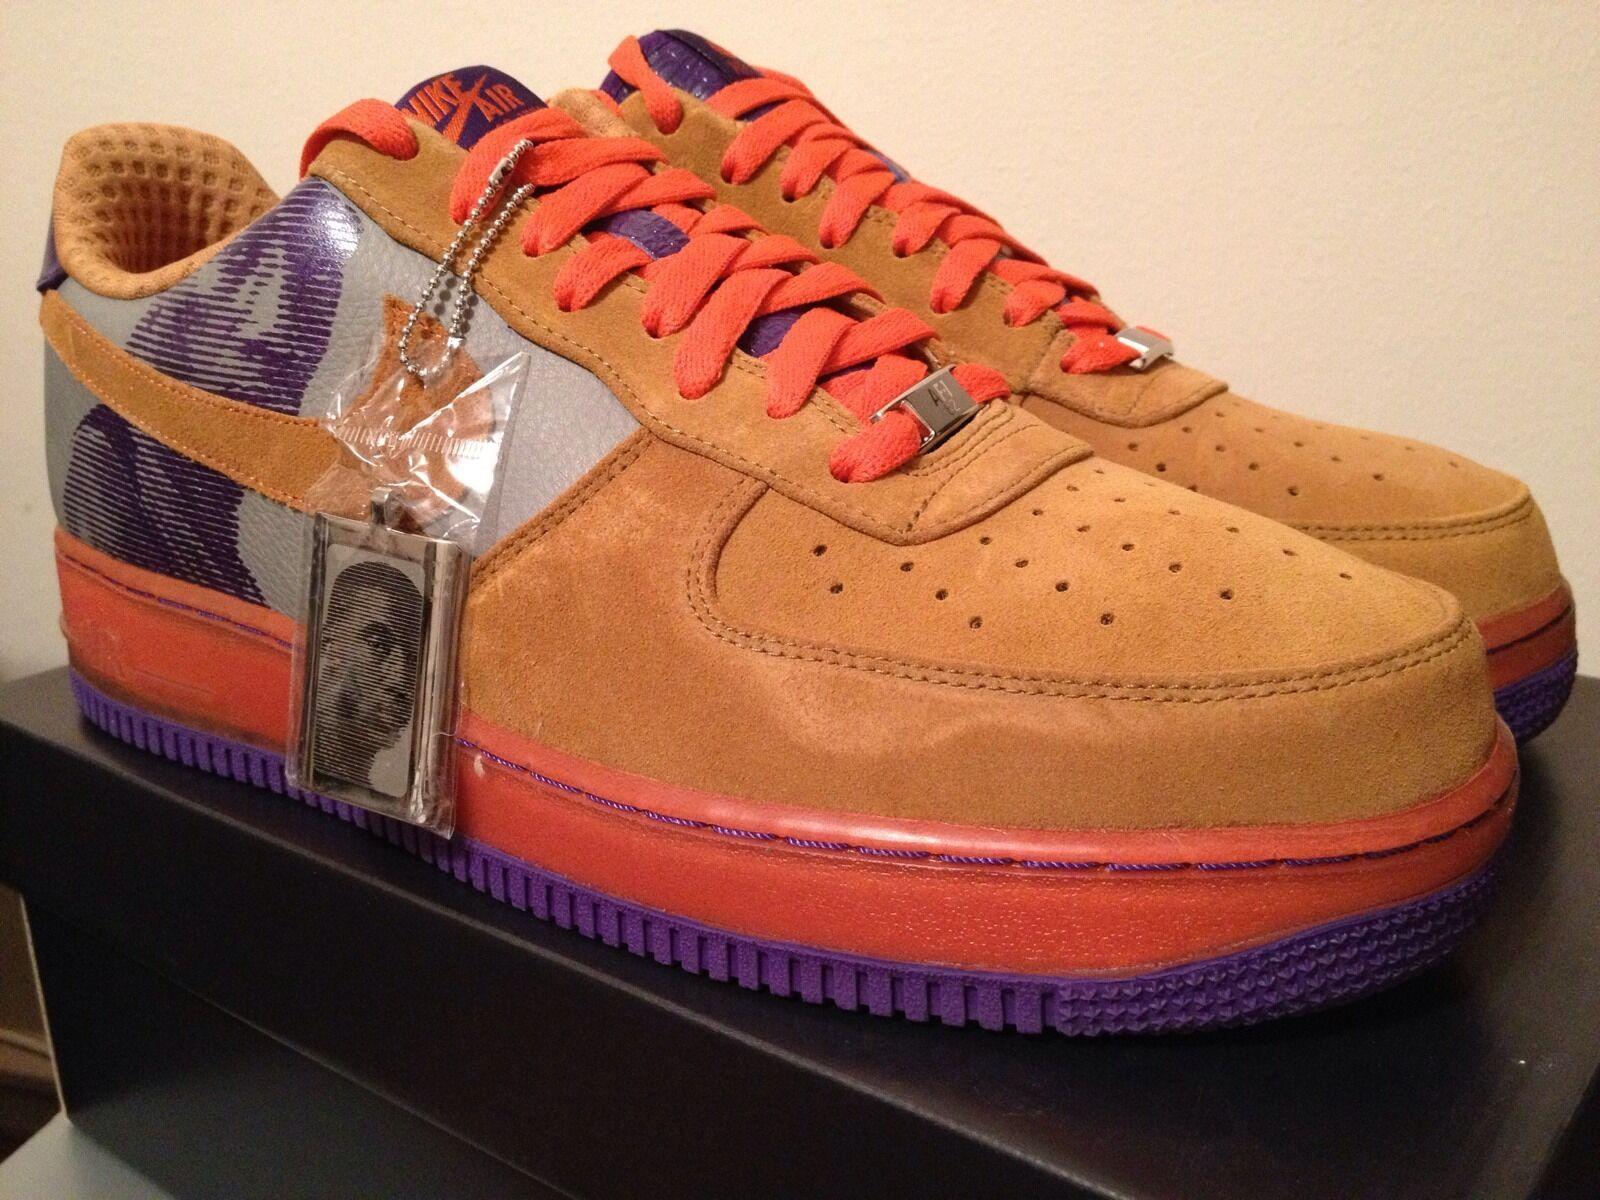 newest 605b5 3234b Nike Air Force 1 premium  07 Amare Stoudamire comodo comodo comodo precio de  temporada corta